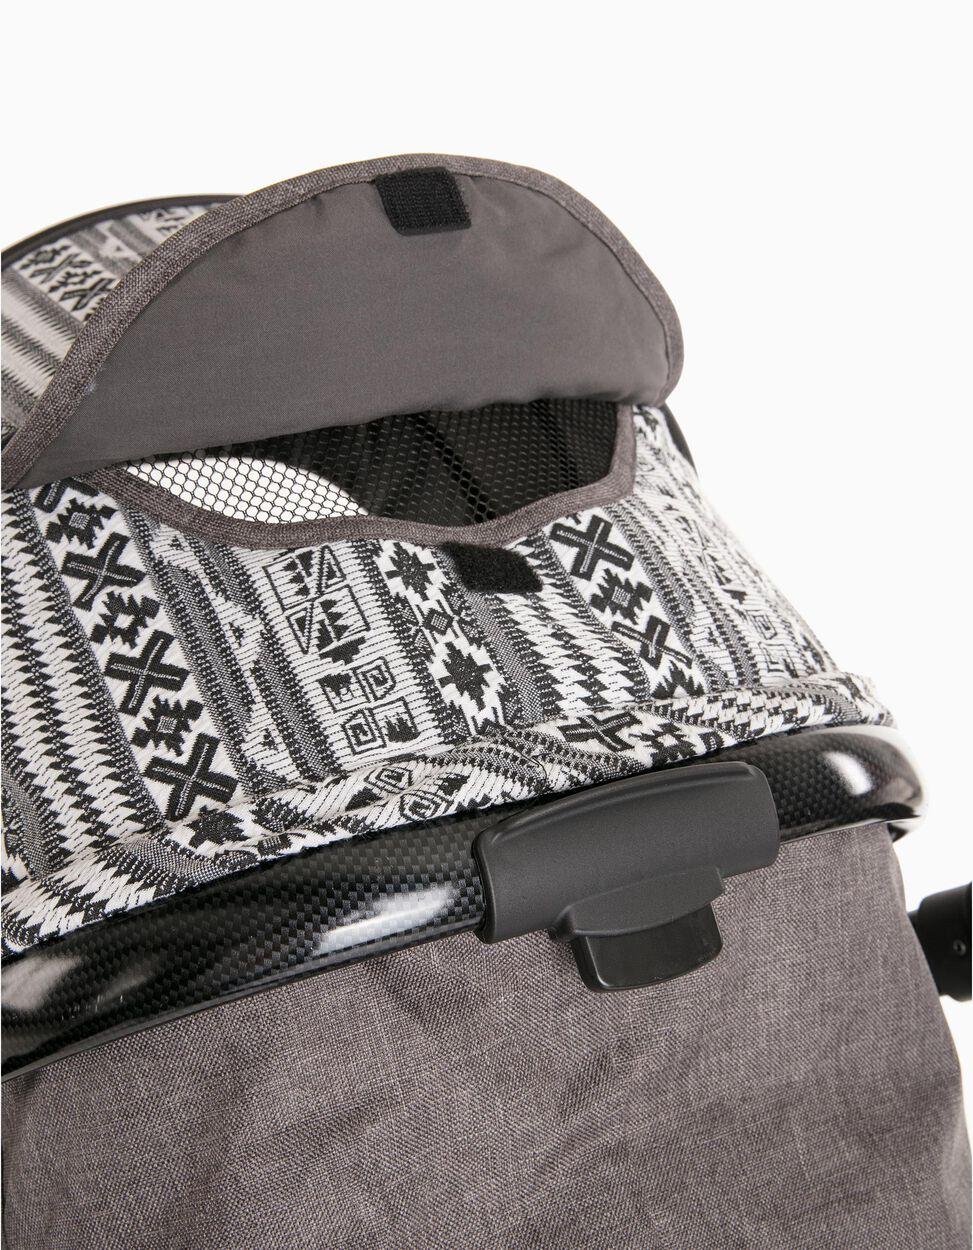 Conjunto De Rua Duo Tribe 4 Zy Safe Black/Grey